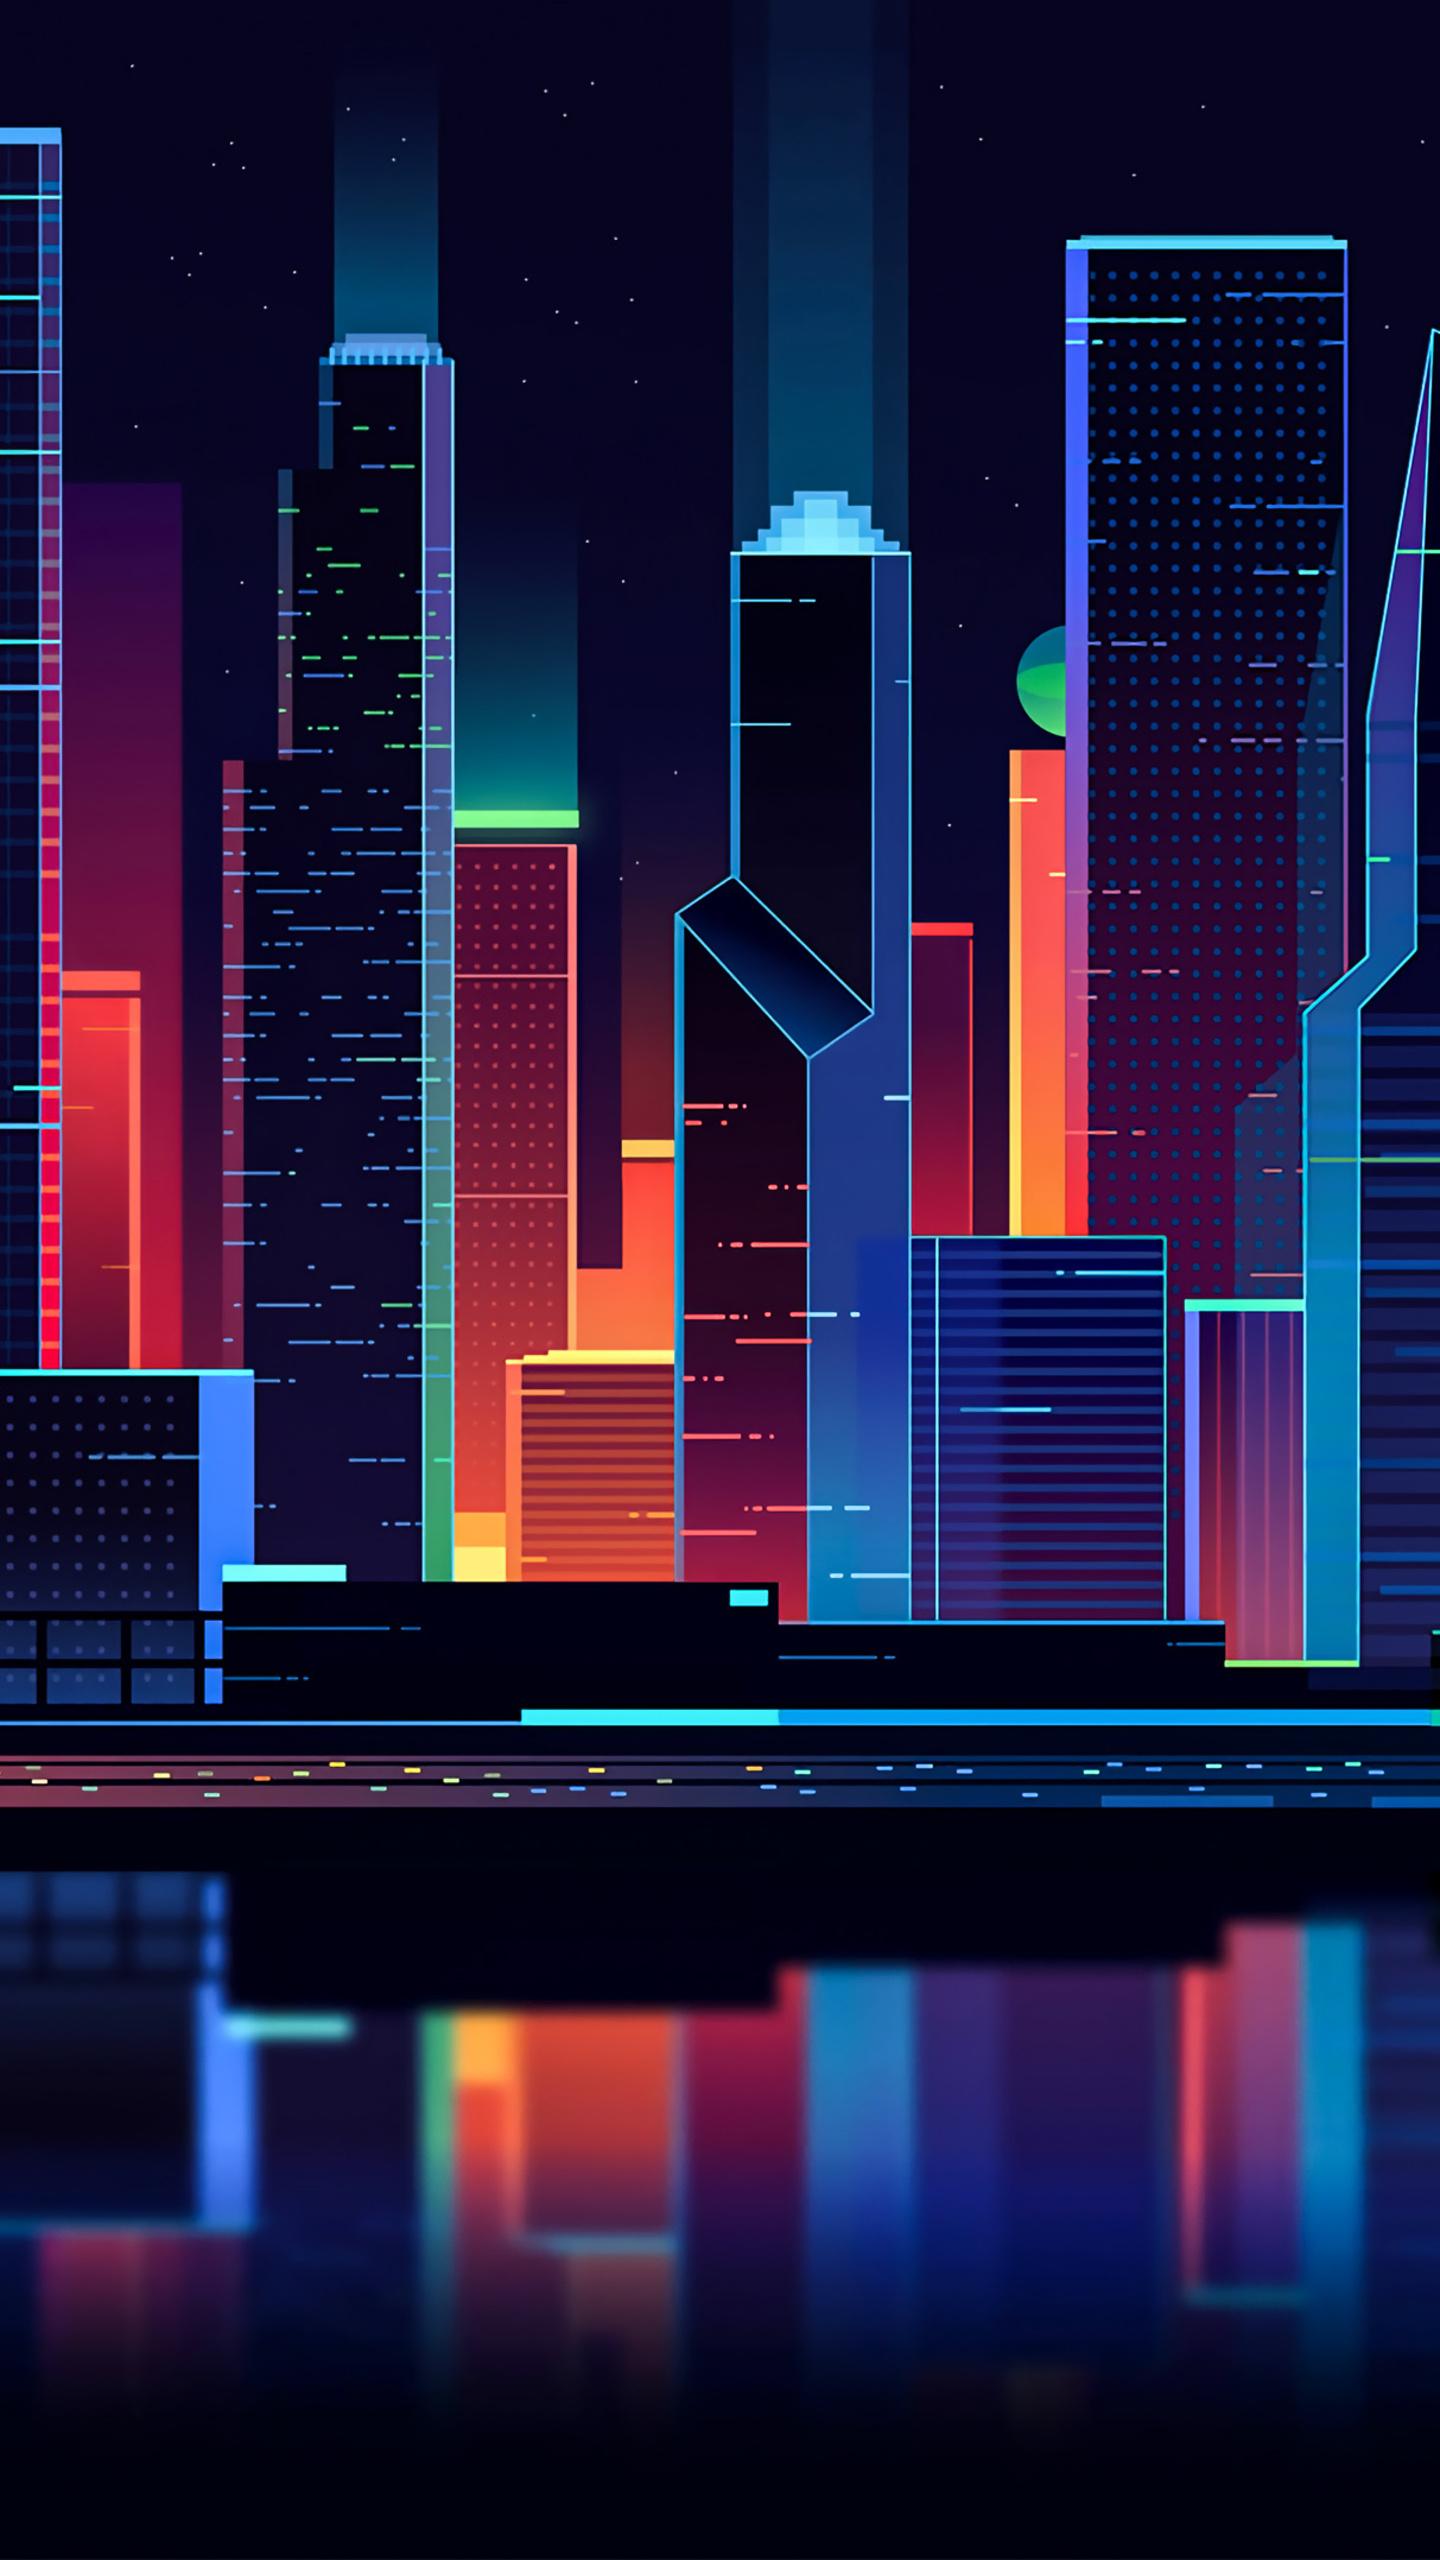 affinity-skyline-4k-px.jpg